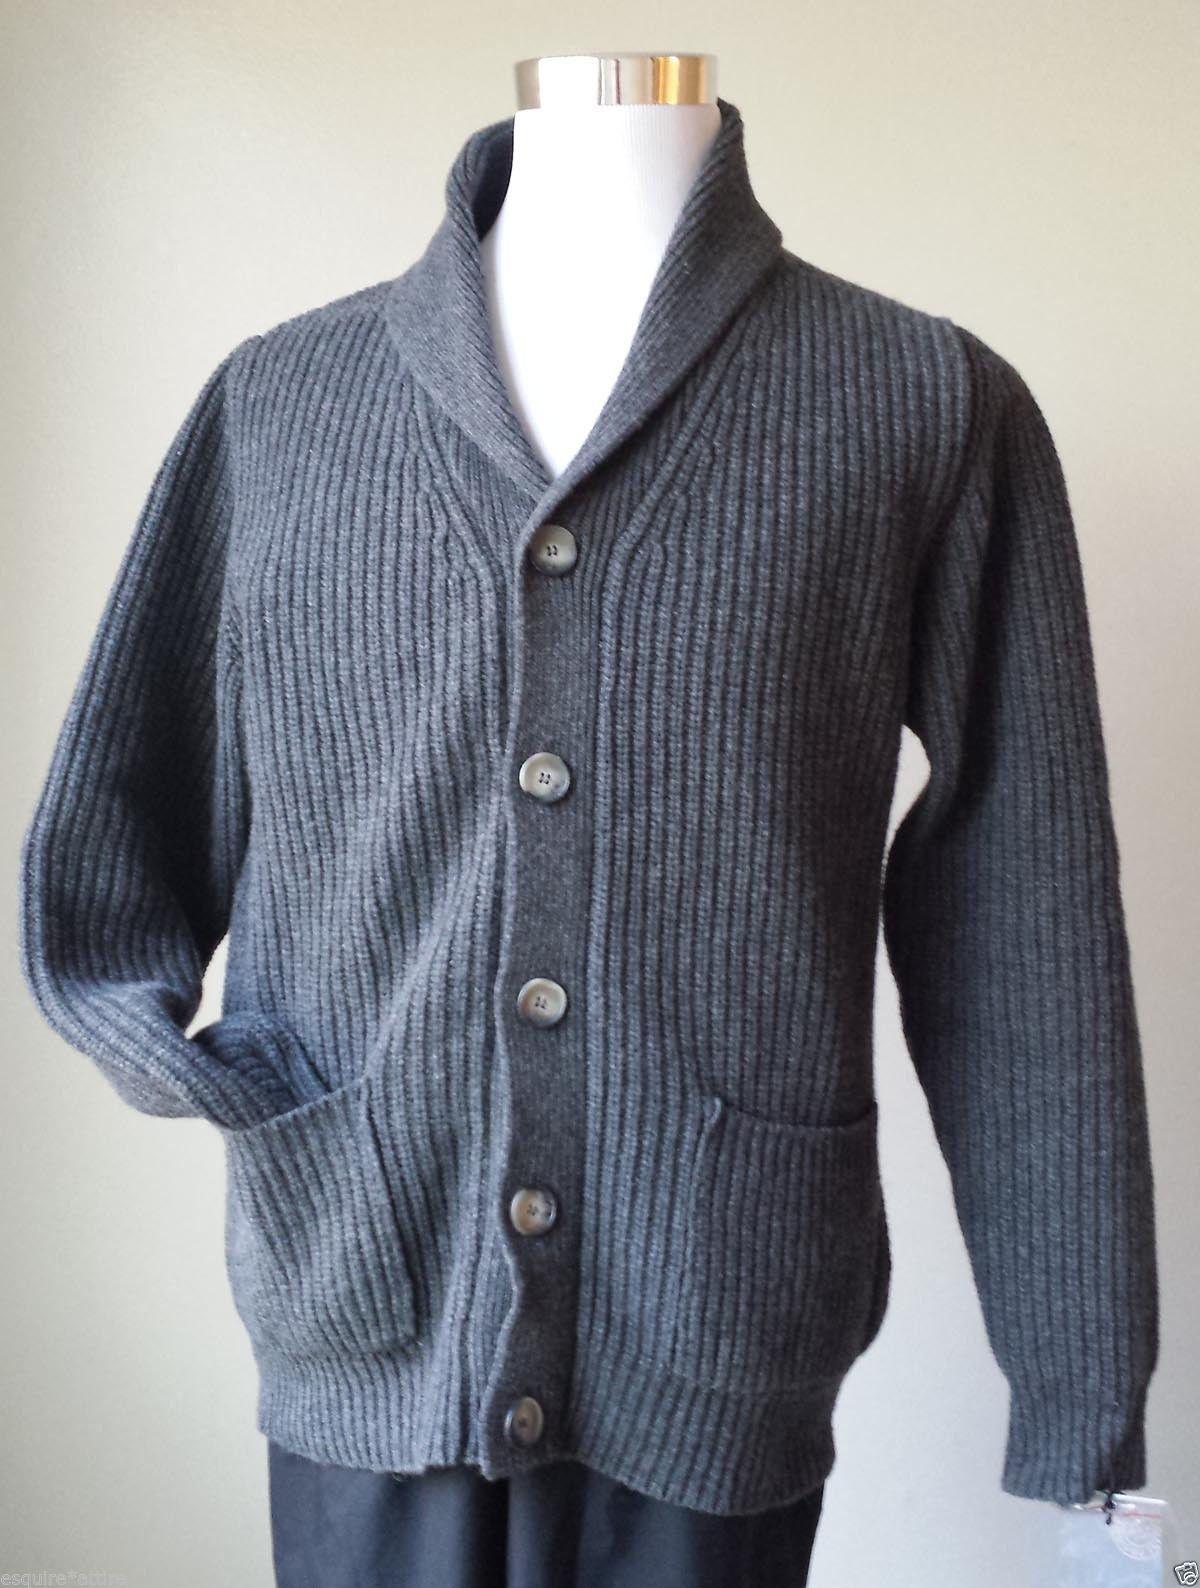 Details about Men Wool Cardiga Sweater Size M UOMO FIRENZE dark ...